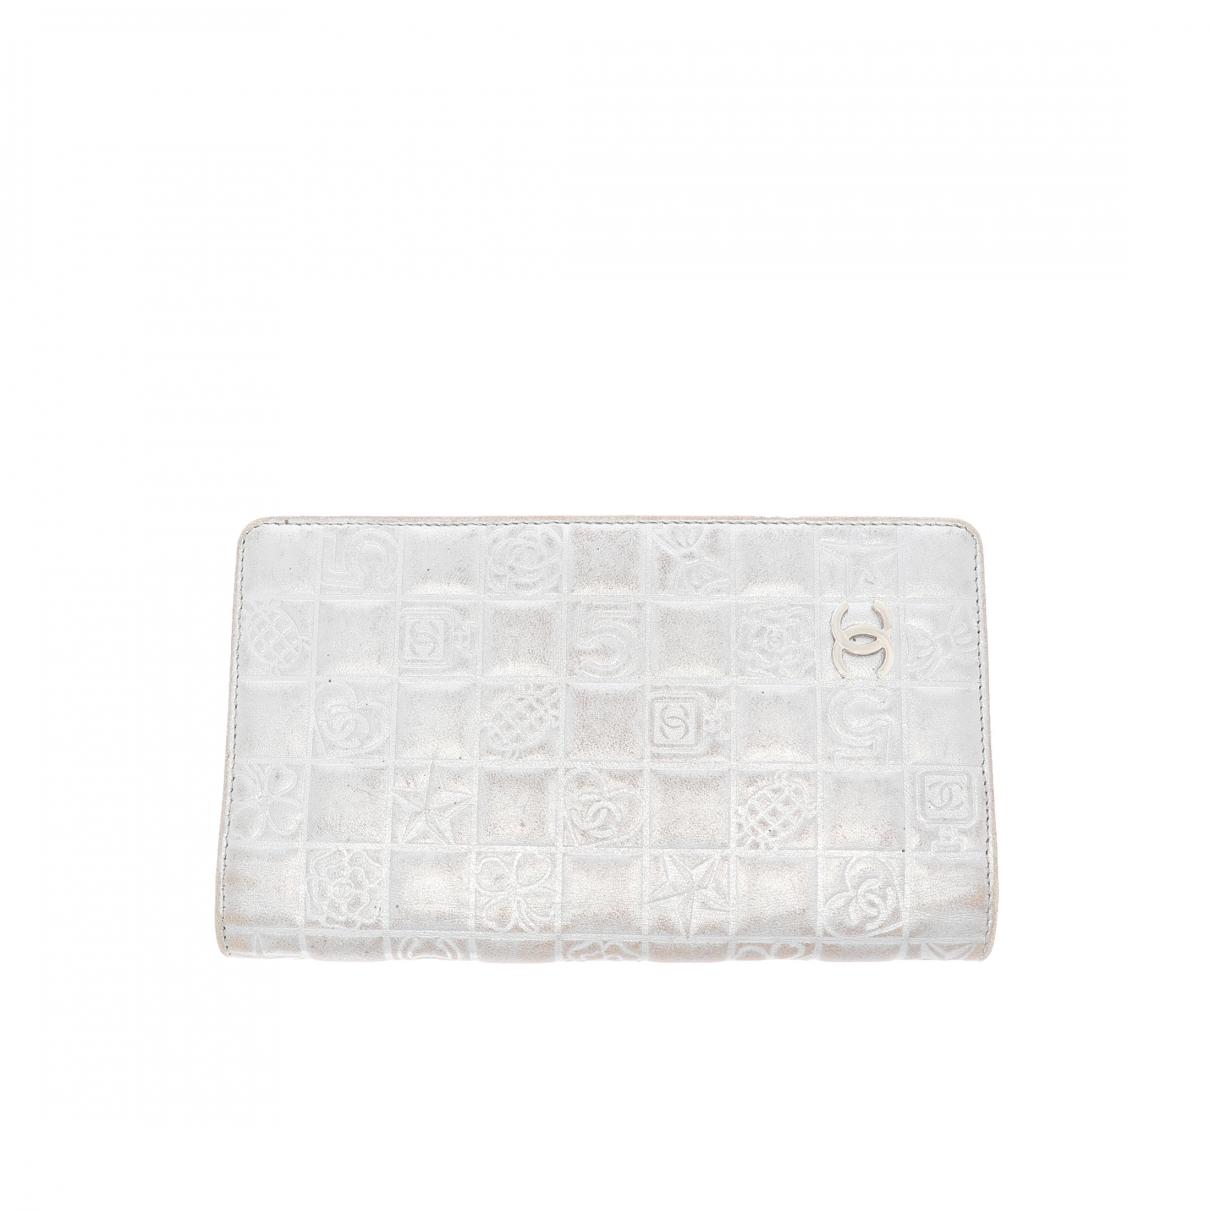 Chanel - Portefeuille   pour femme en cuir - argente